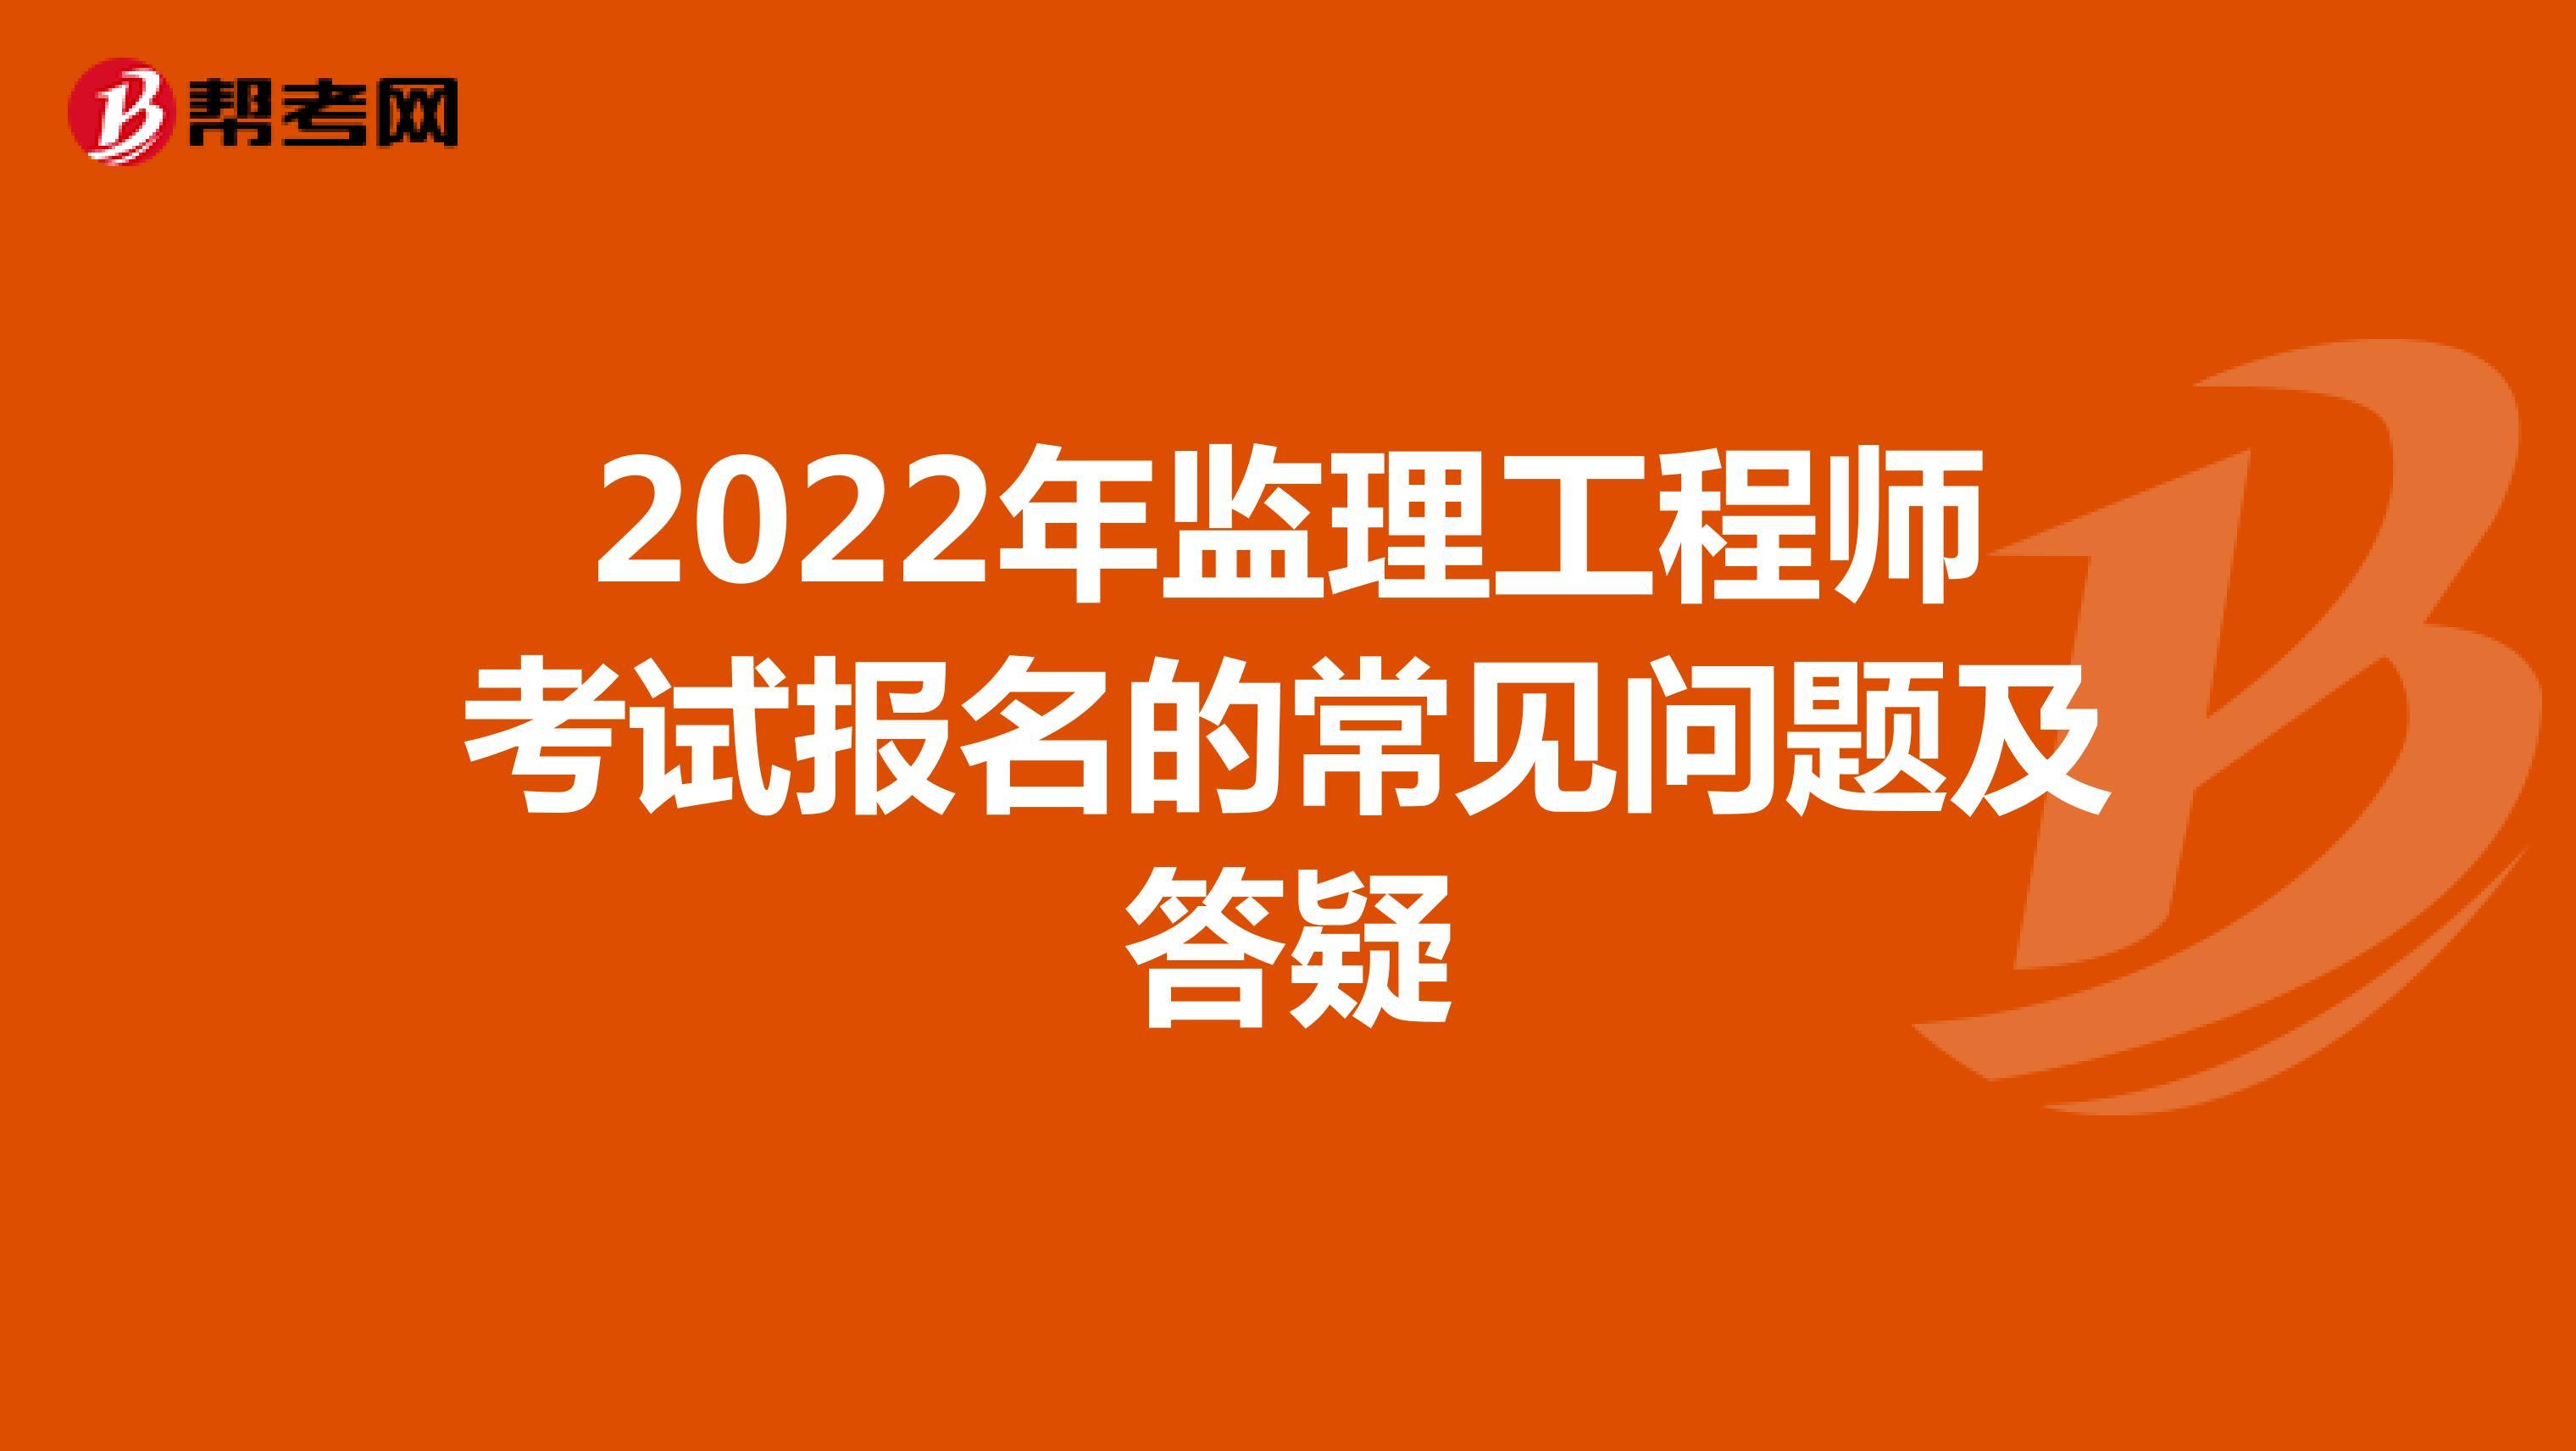 2022年监理工程师考试报名的常见问题及答疑